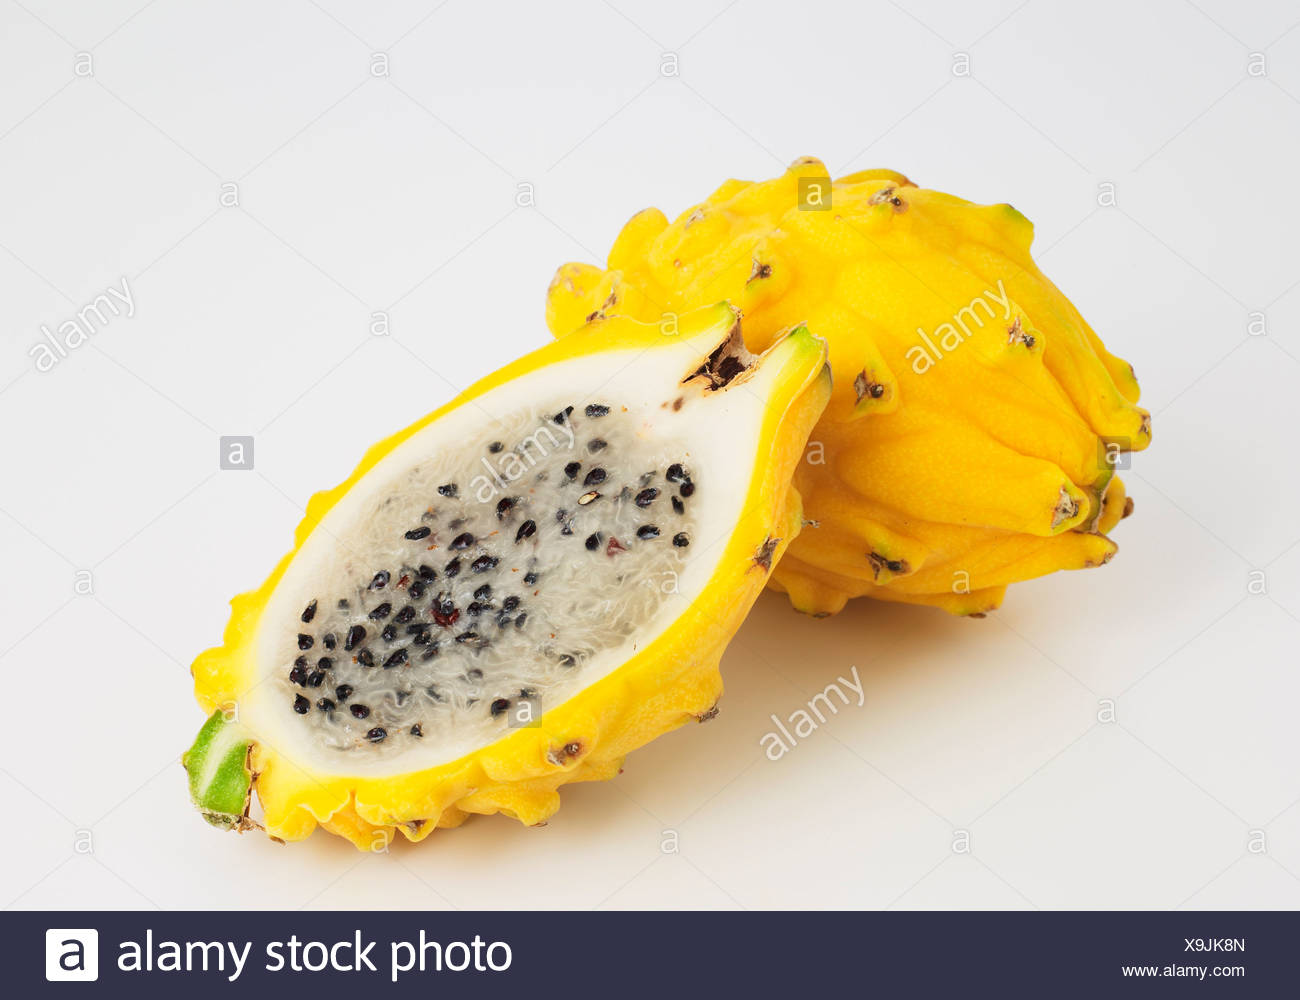 Dragonfruit Pitaya on white background - Stock Image